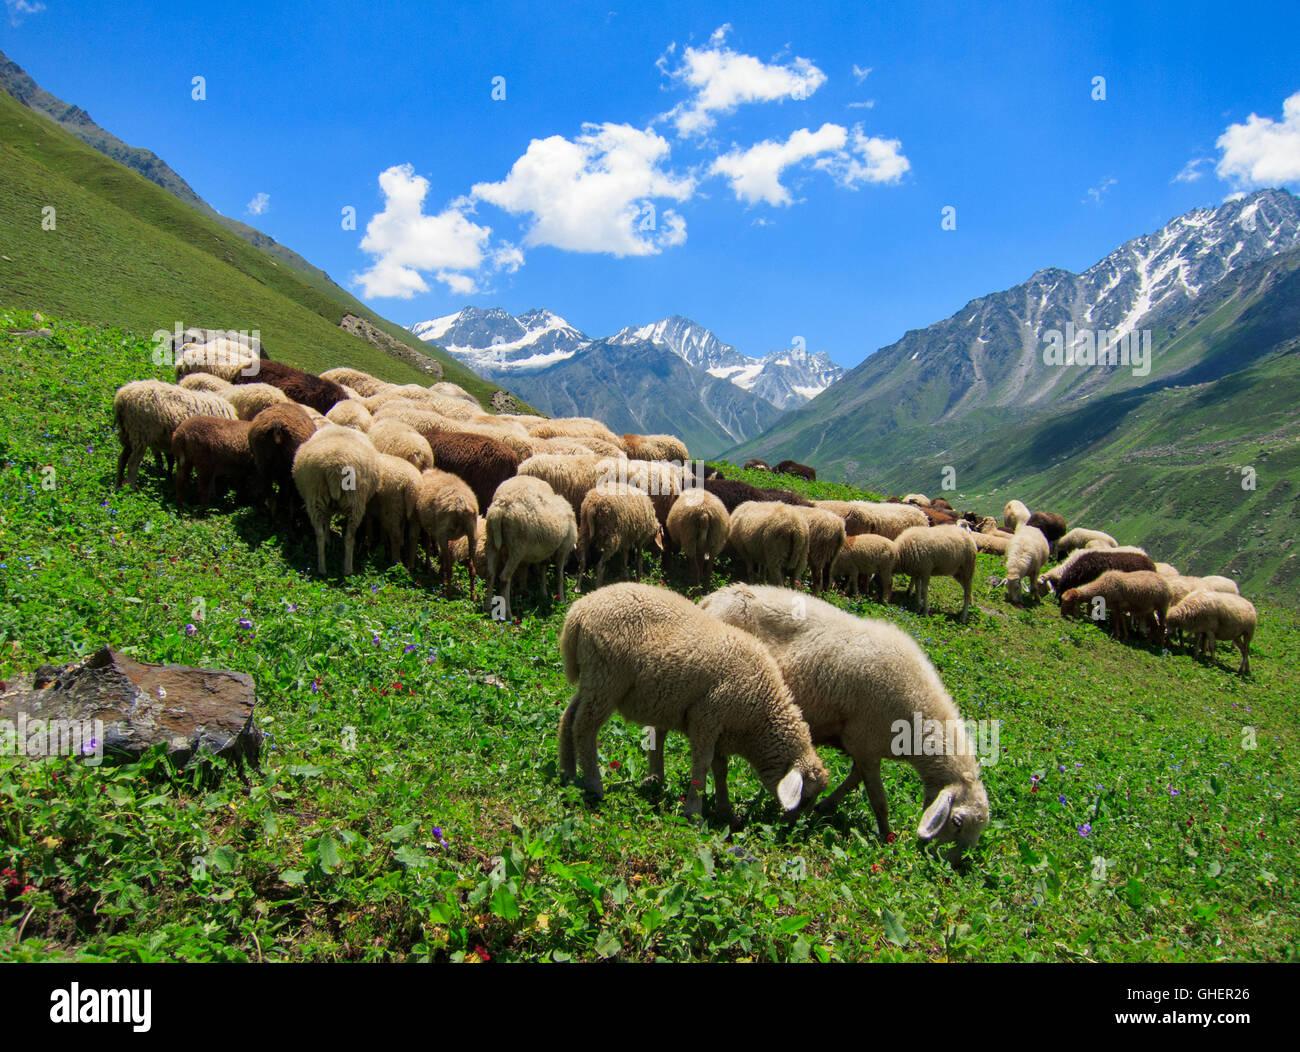 Bhaba Pass Trek (Himachal Pradesh, India) - Stock Image